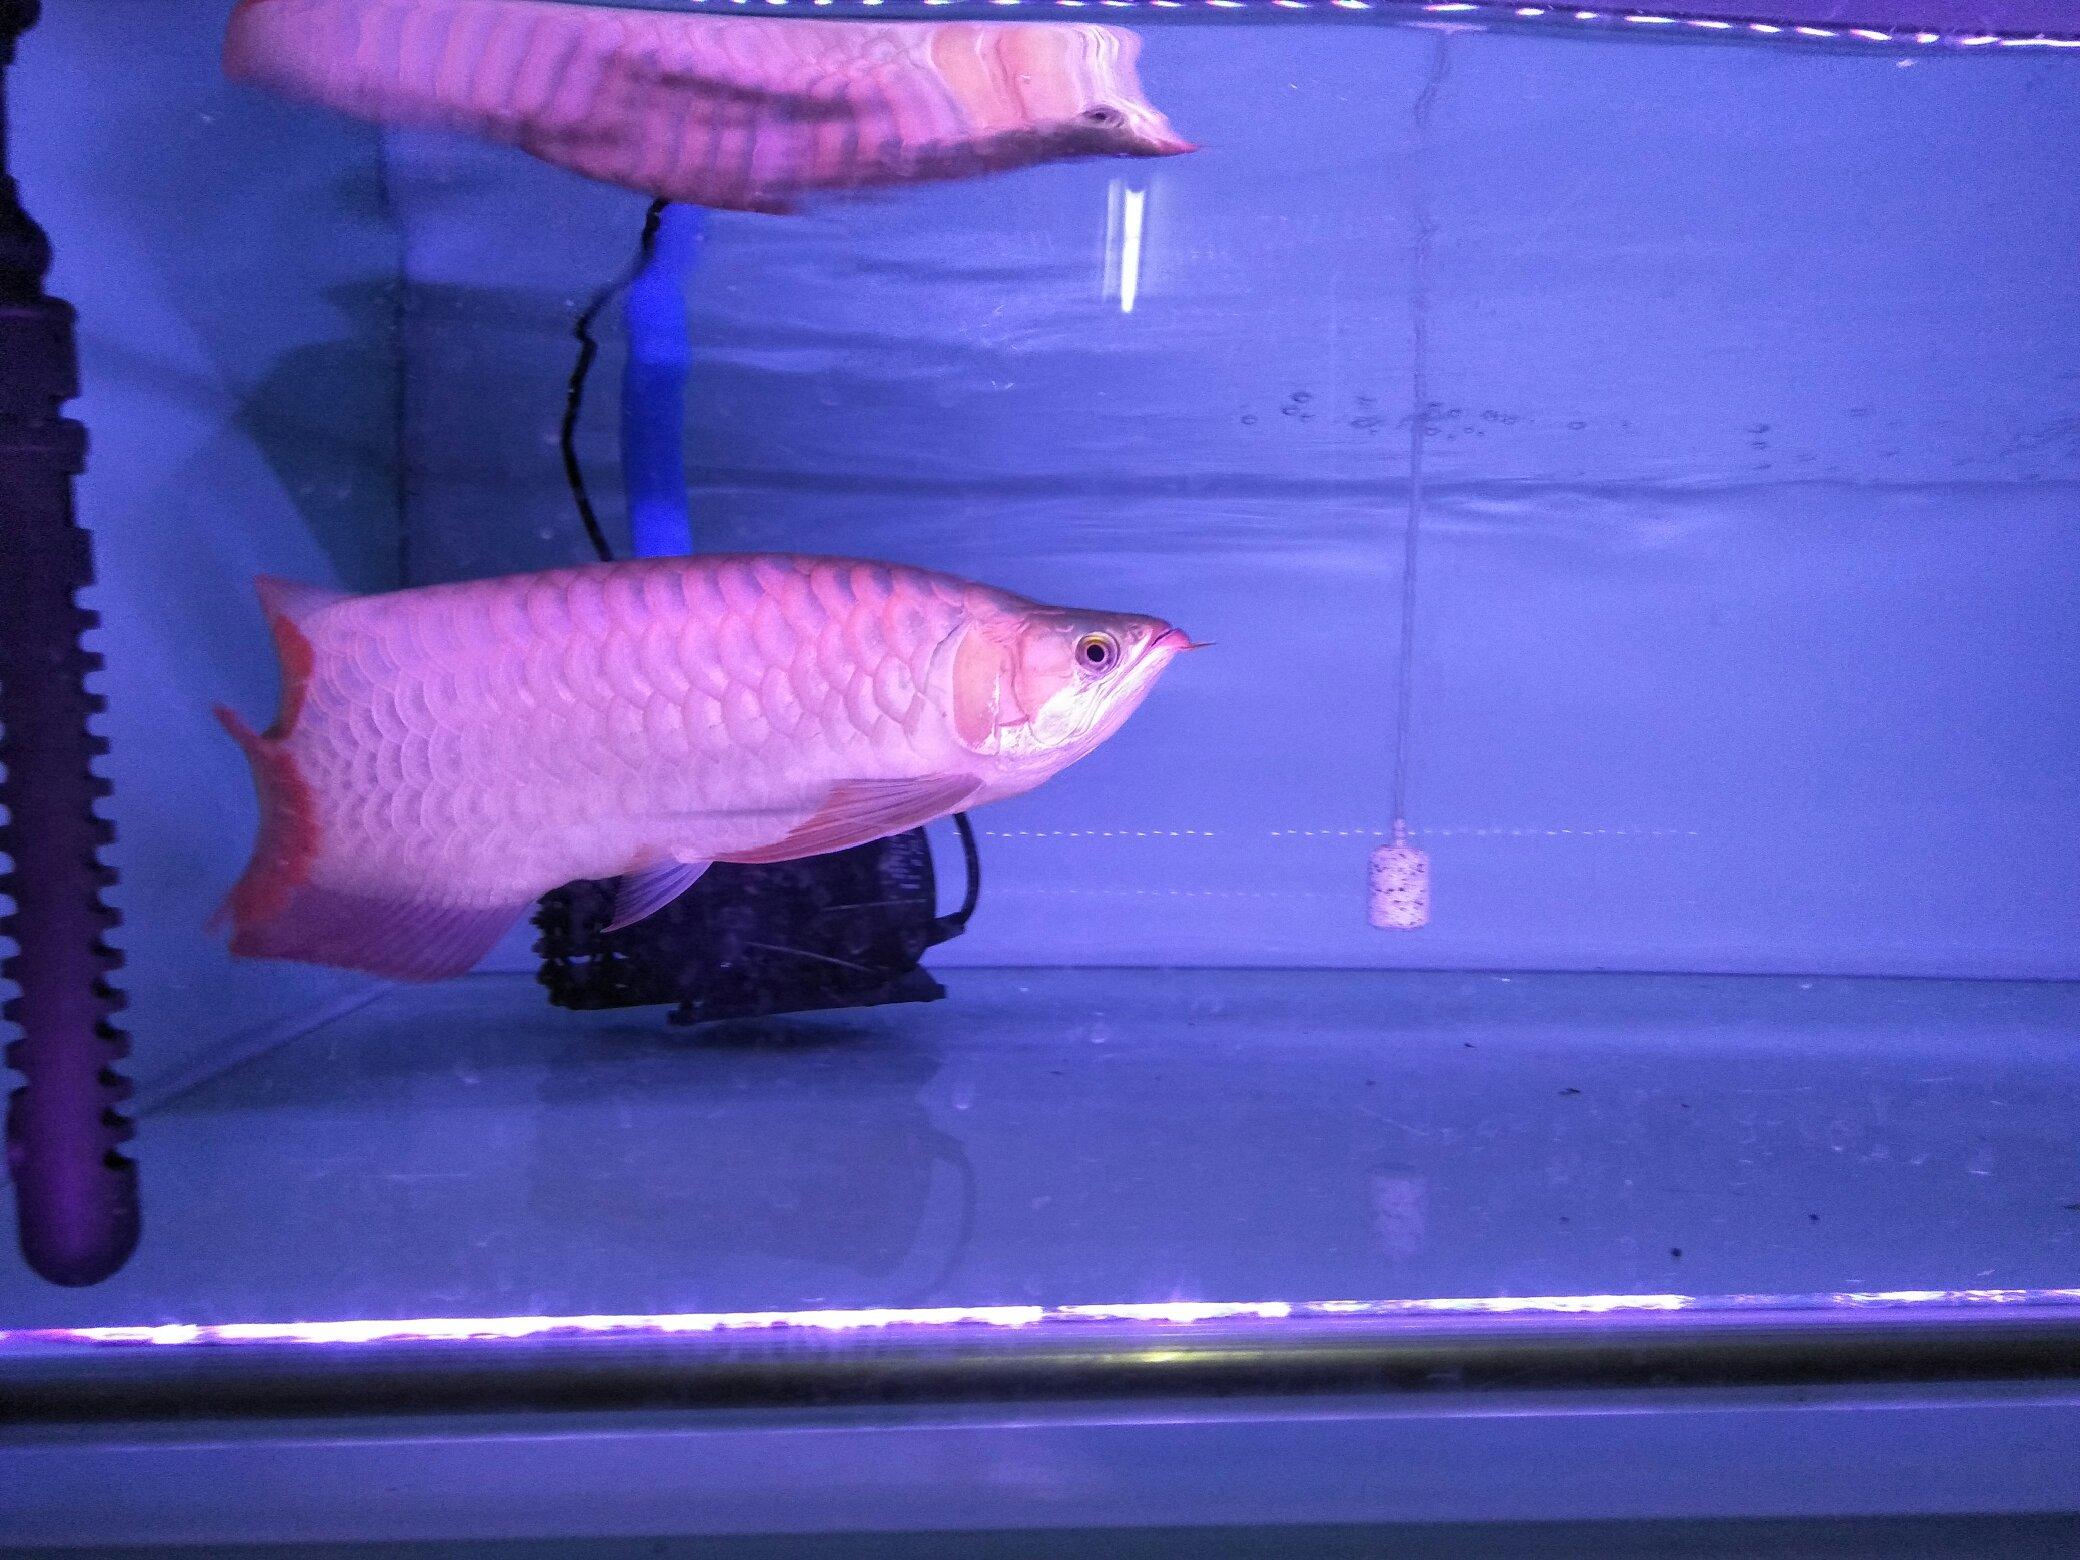 大红龙 翘头哦 北京观赏鱼 北京龙鱼第6张